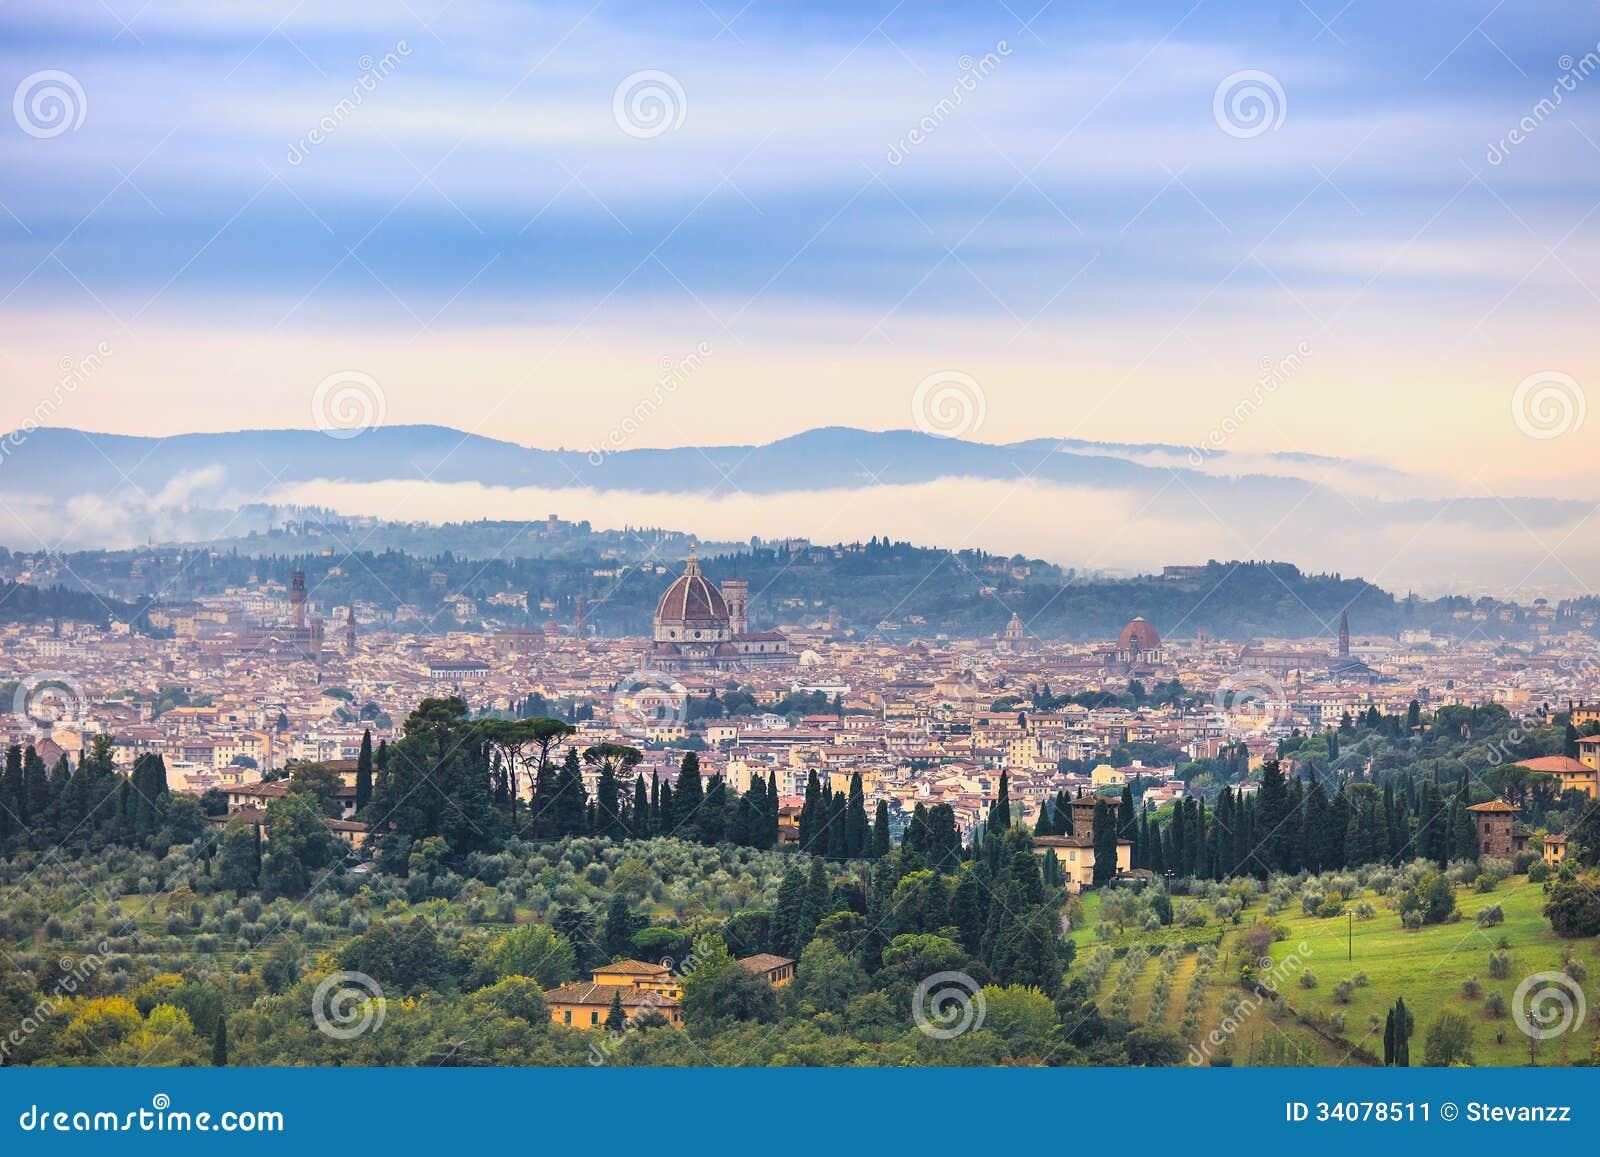 Arquitectura da cidade nevoenta aérea da manhã de Florença. Opinião do panorama do monte de Fiesole, Itália